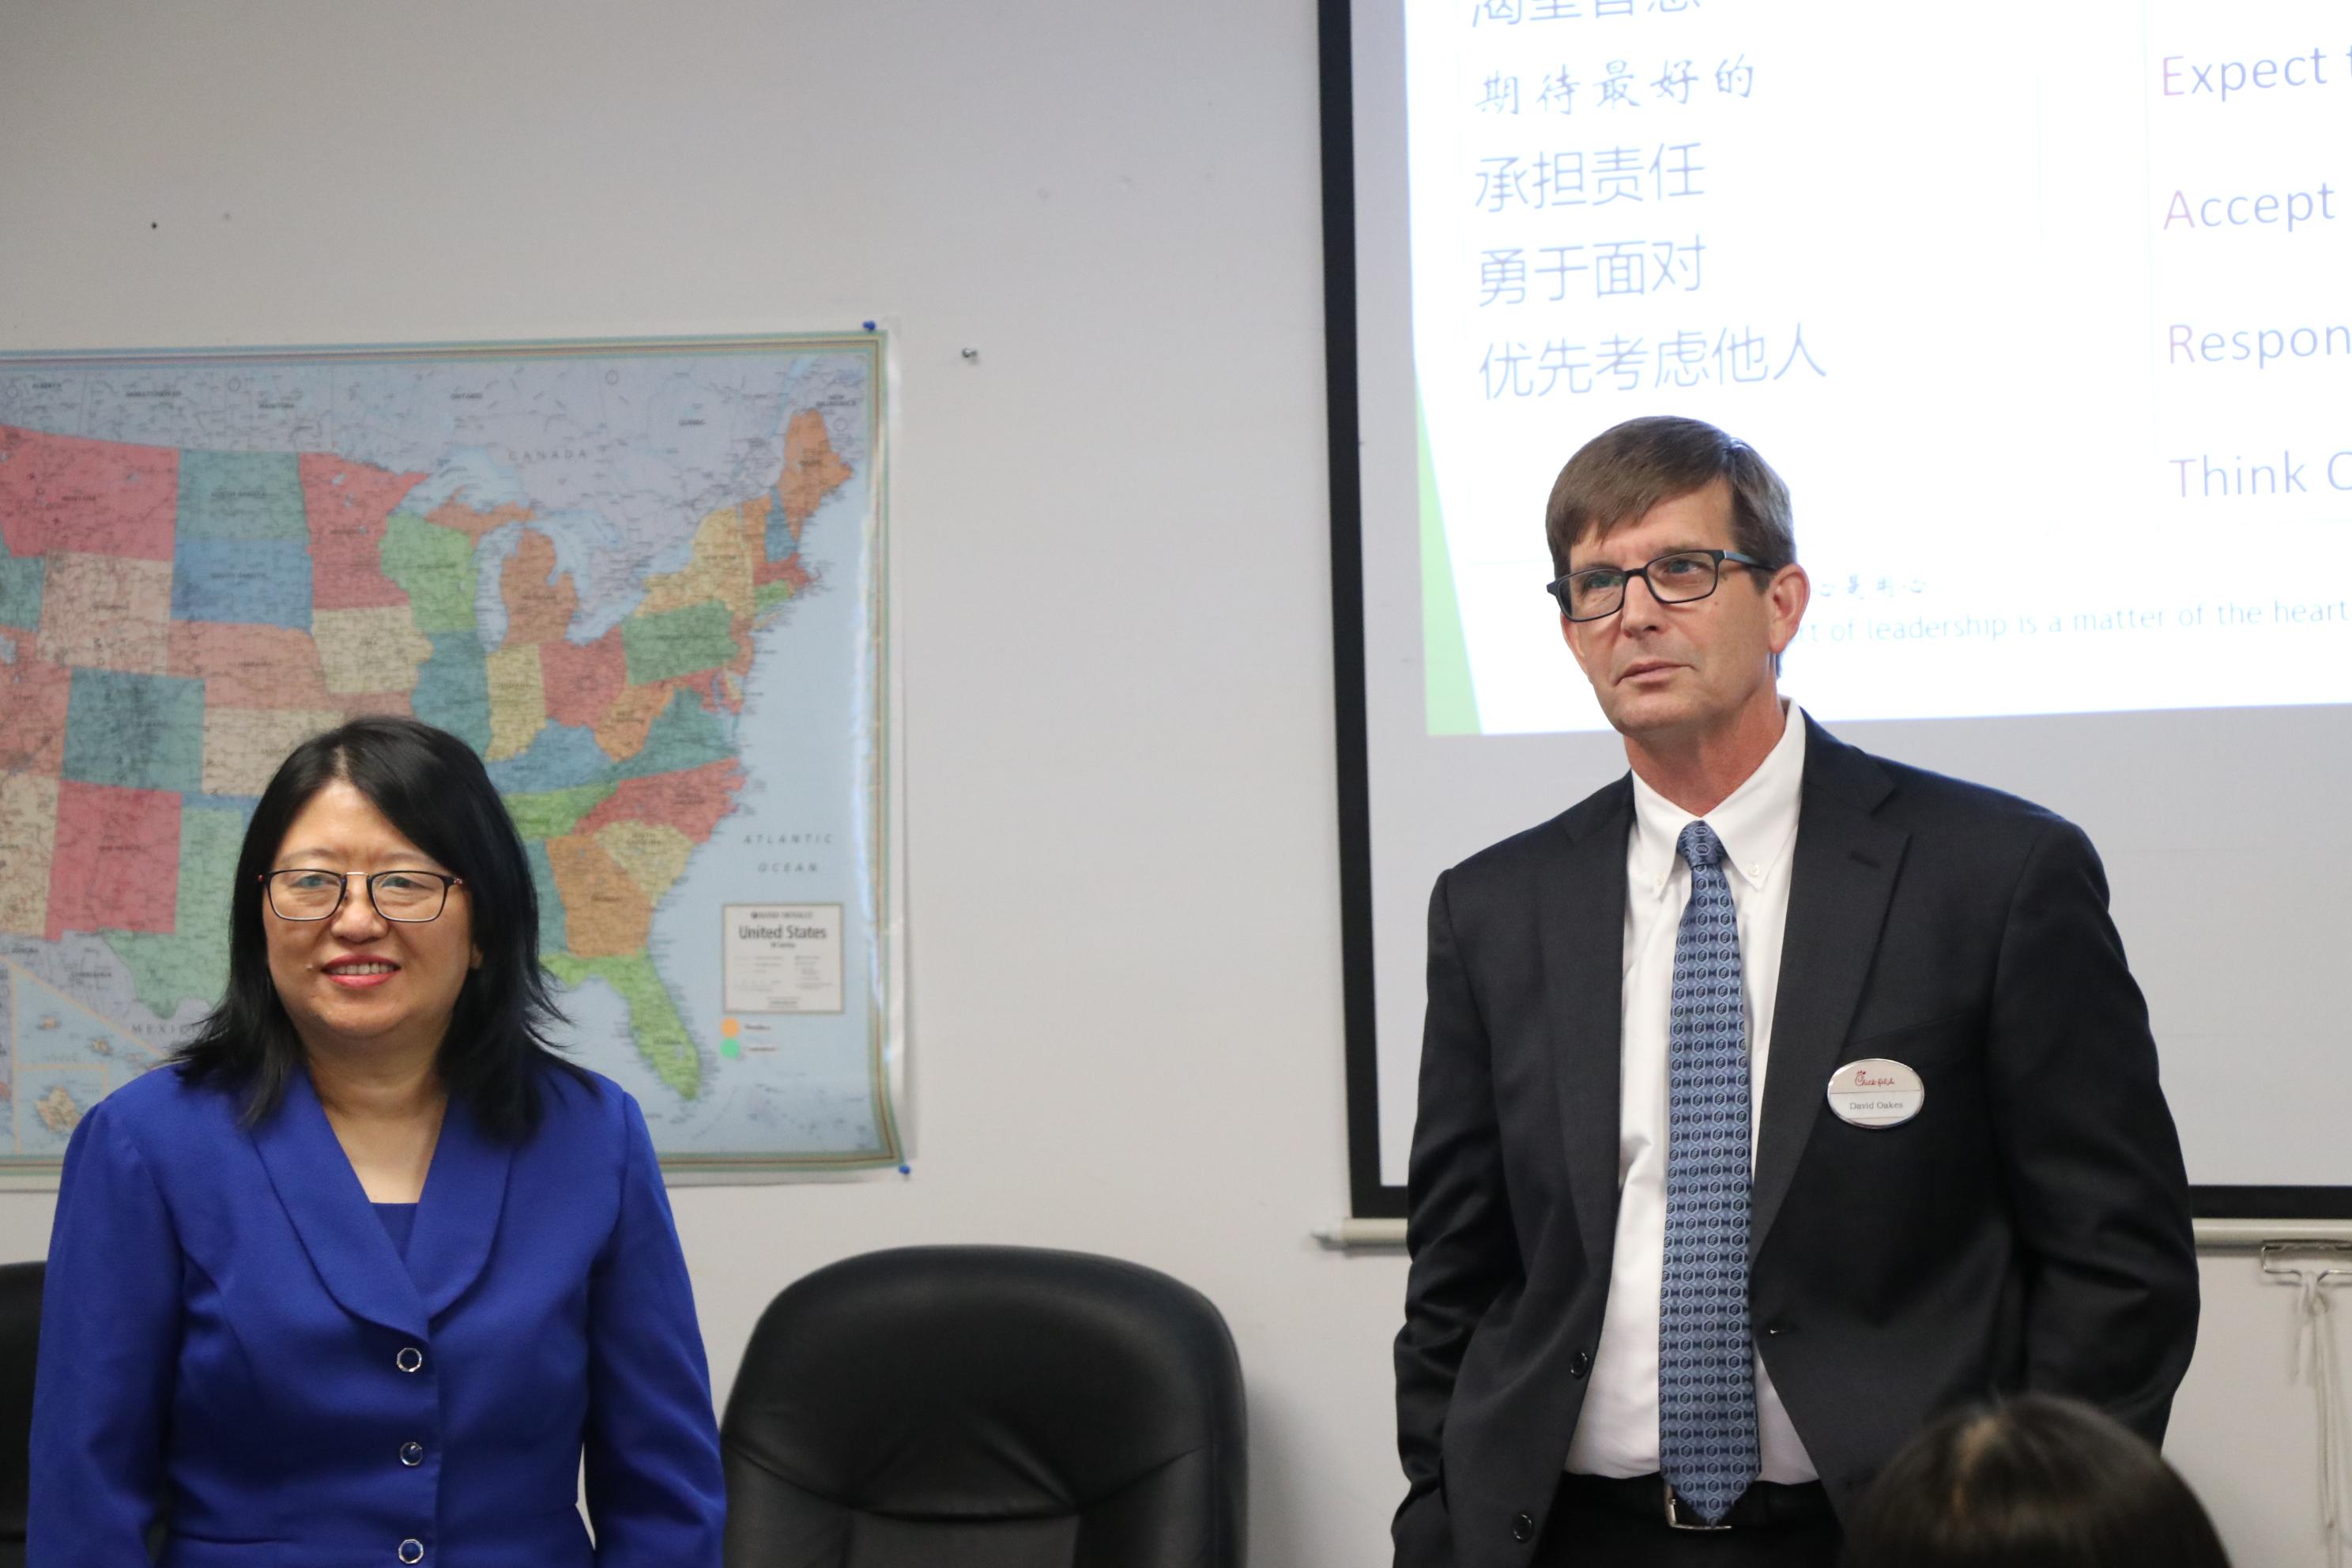 國際基督徒華商協會會長馮春梅(左)盛讚David Oakes(右)是一位傑出的基督徒企業家,是大家學習的榜樣。(記者封昌明/攝影)